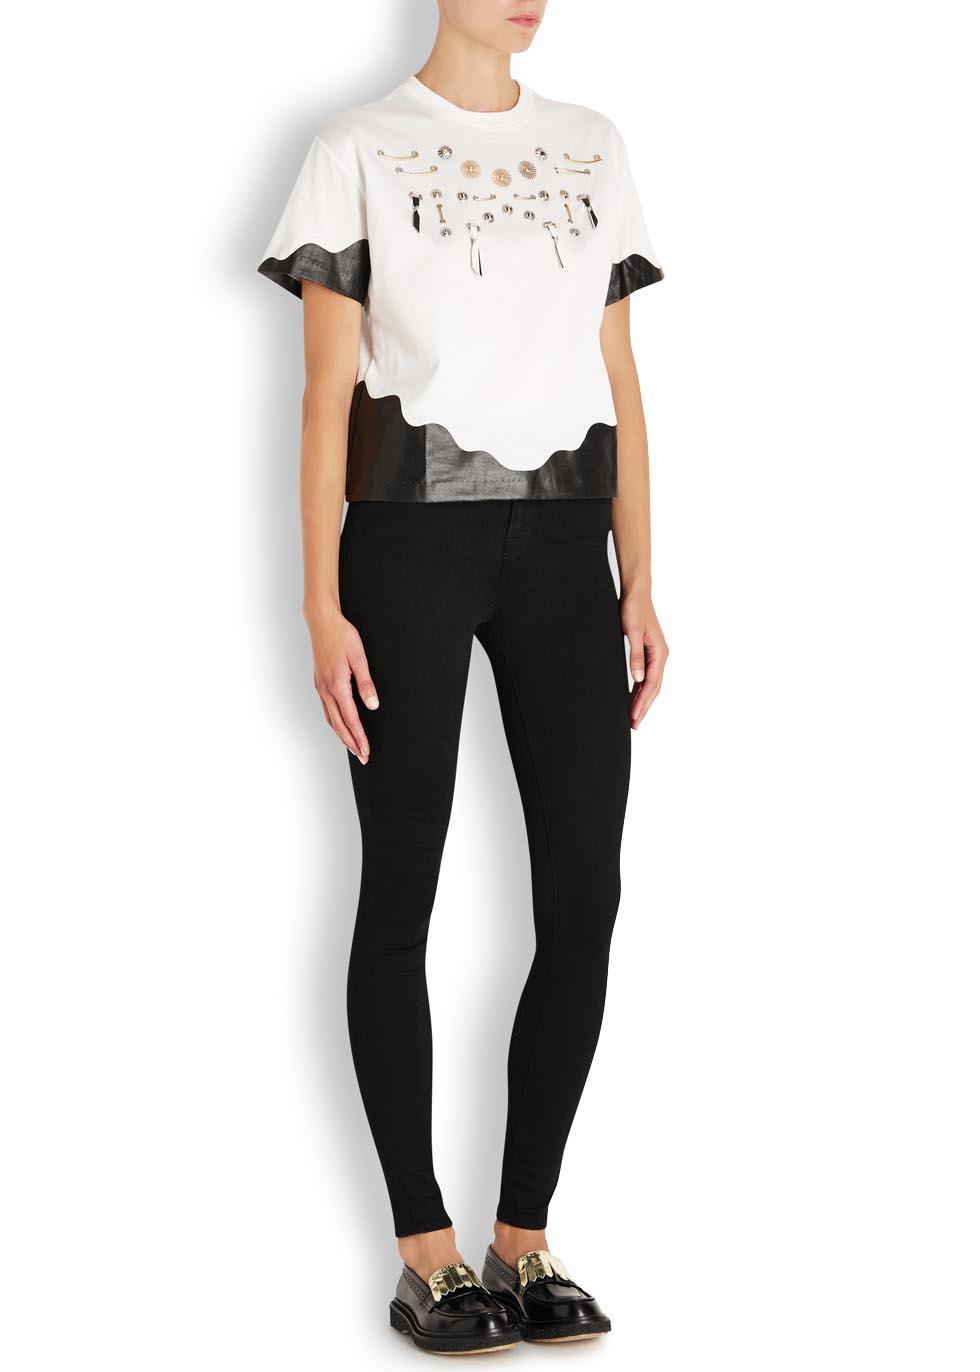 Maria black high-rise skinny jeans - J Brand